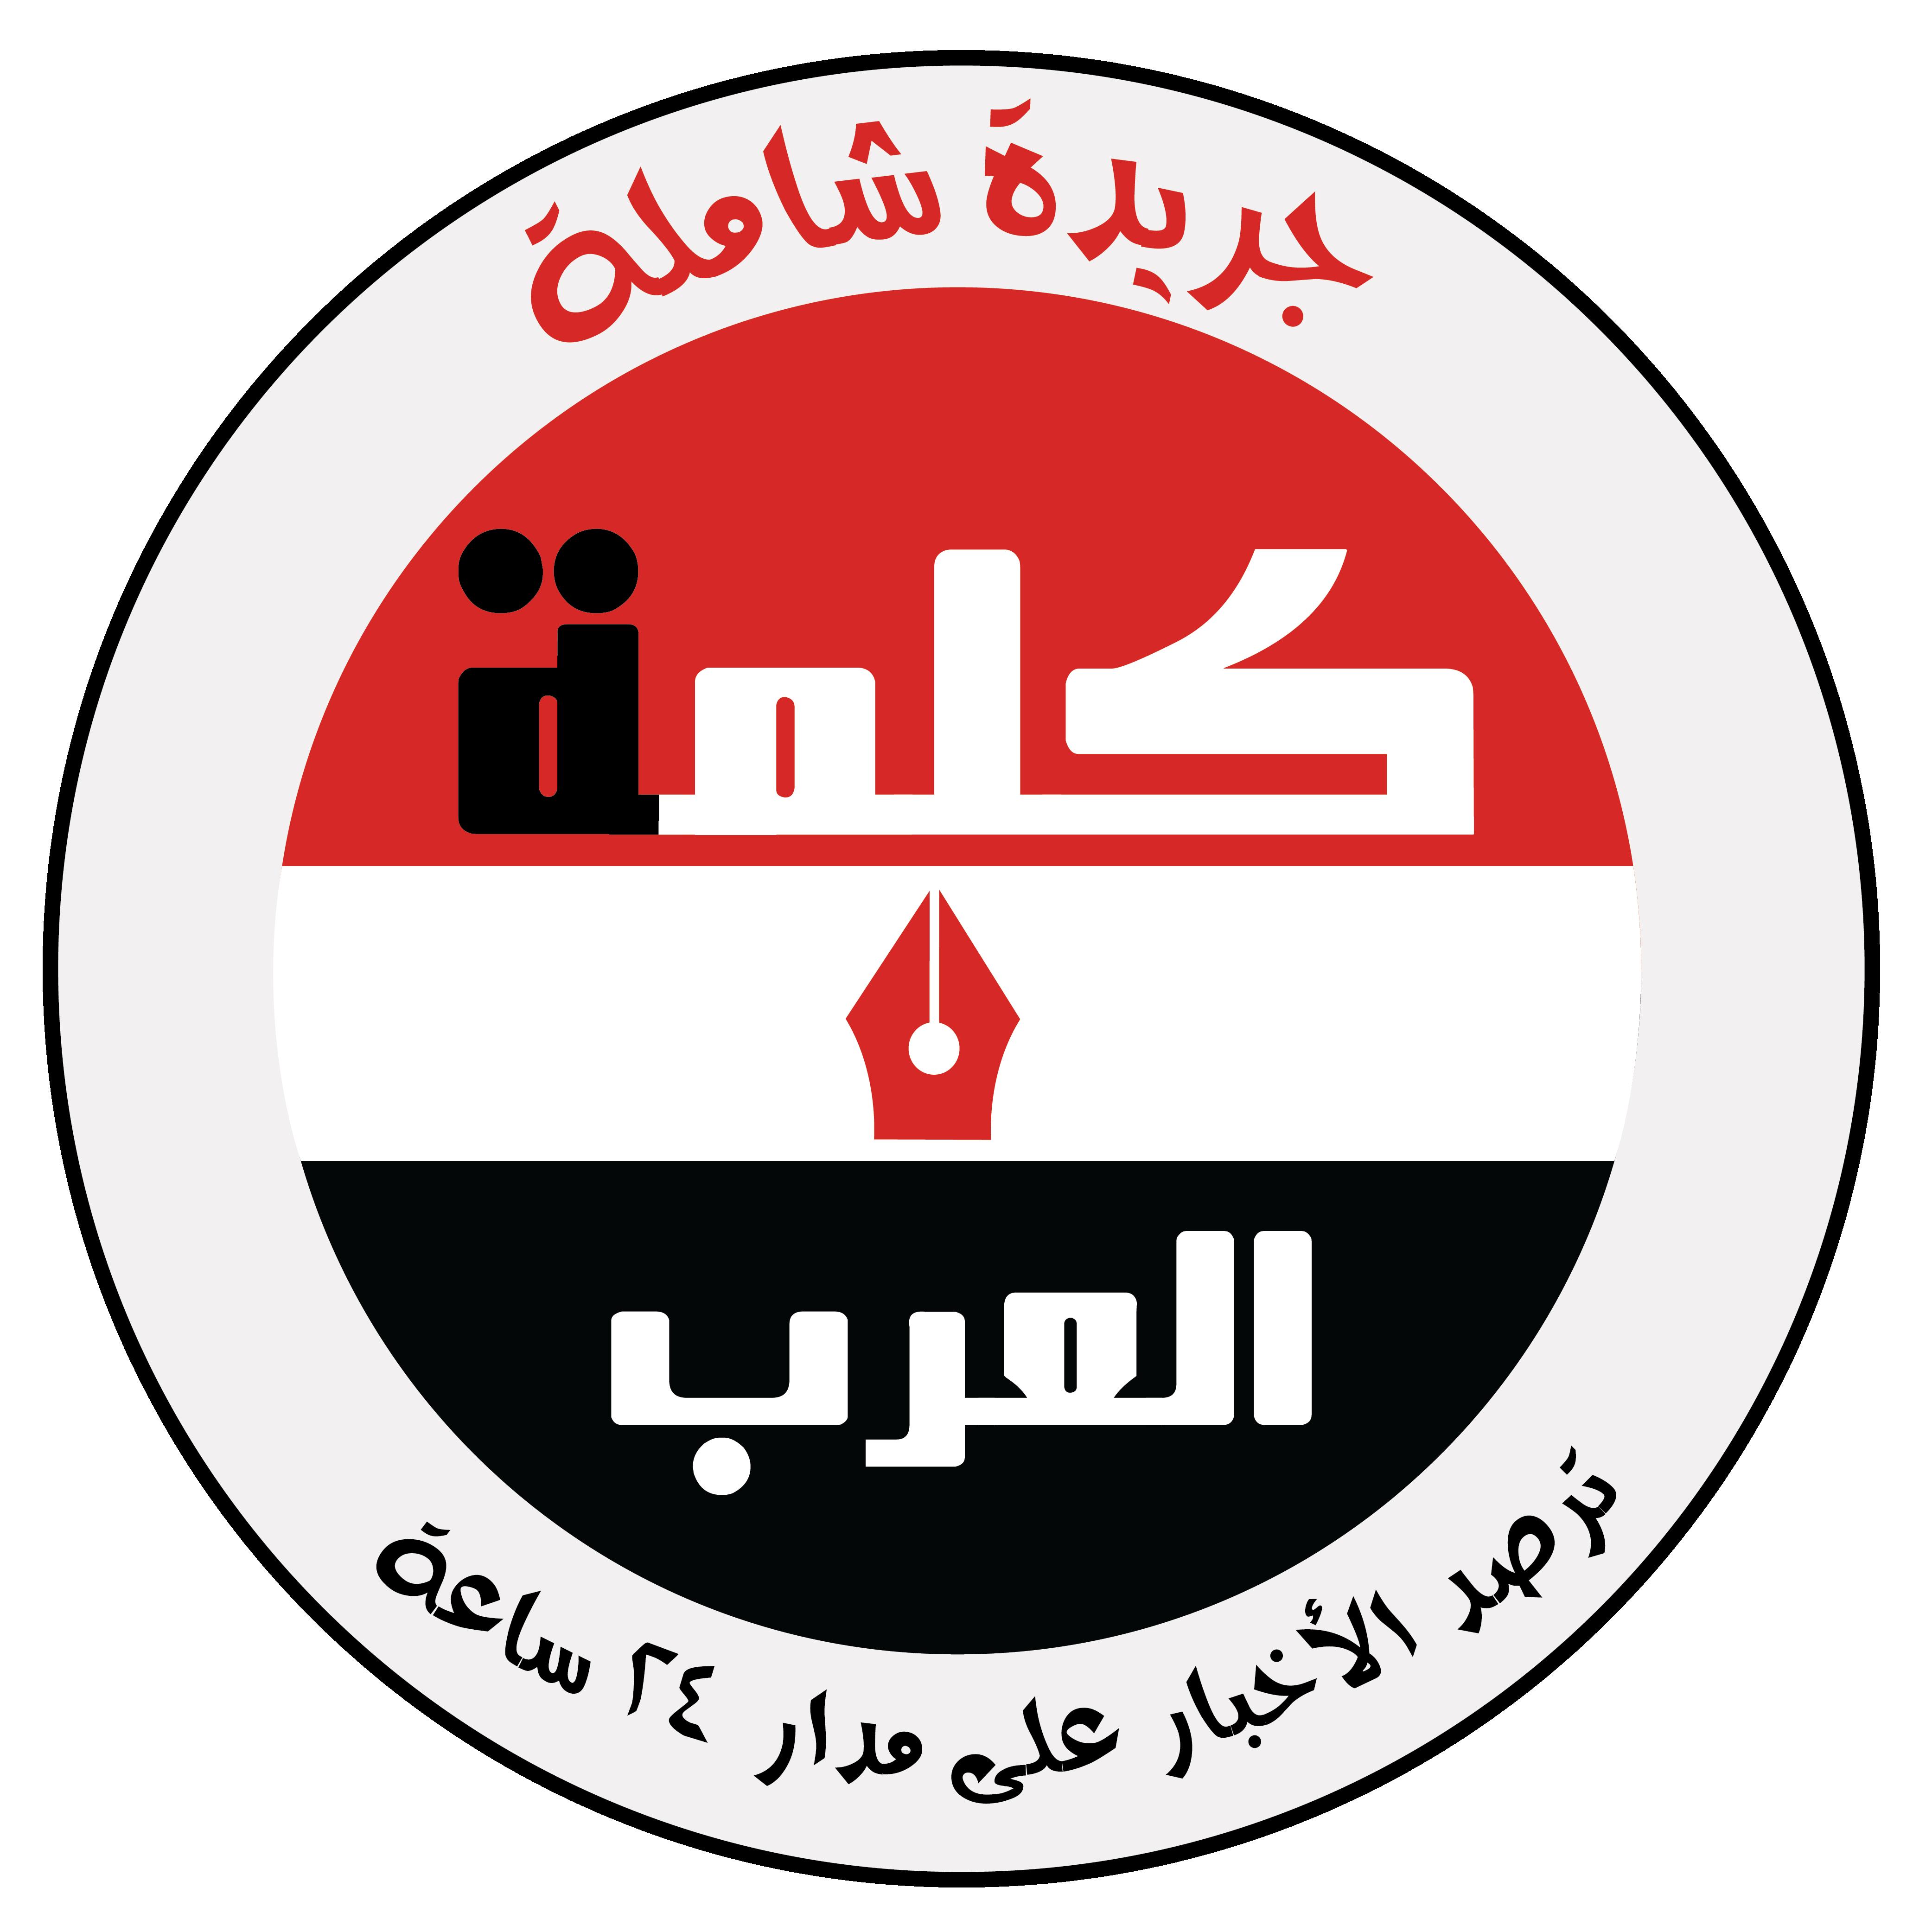 جريدة كلمة العرب الإلكترونية